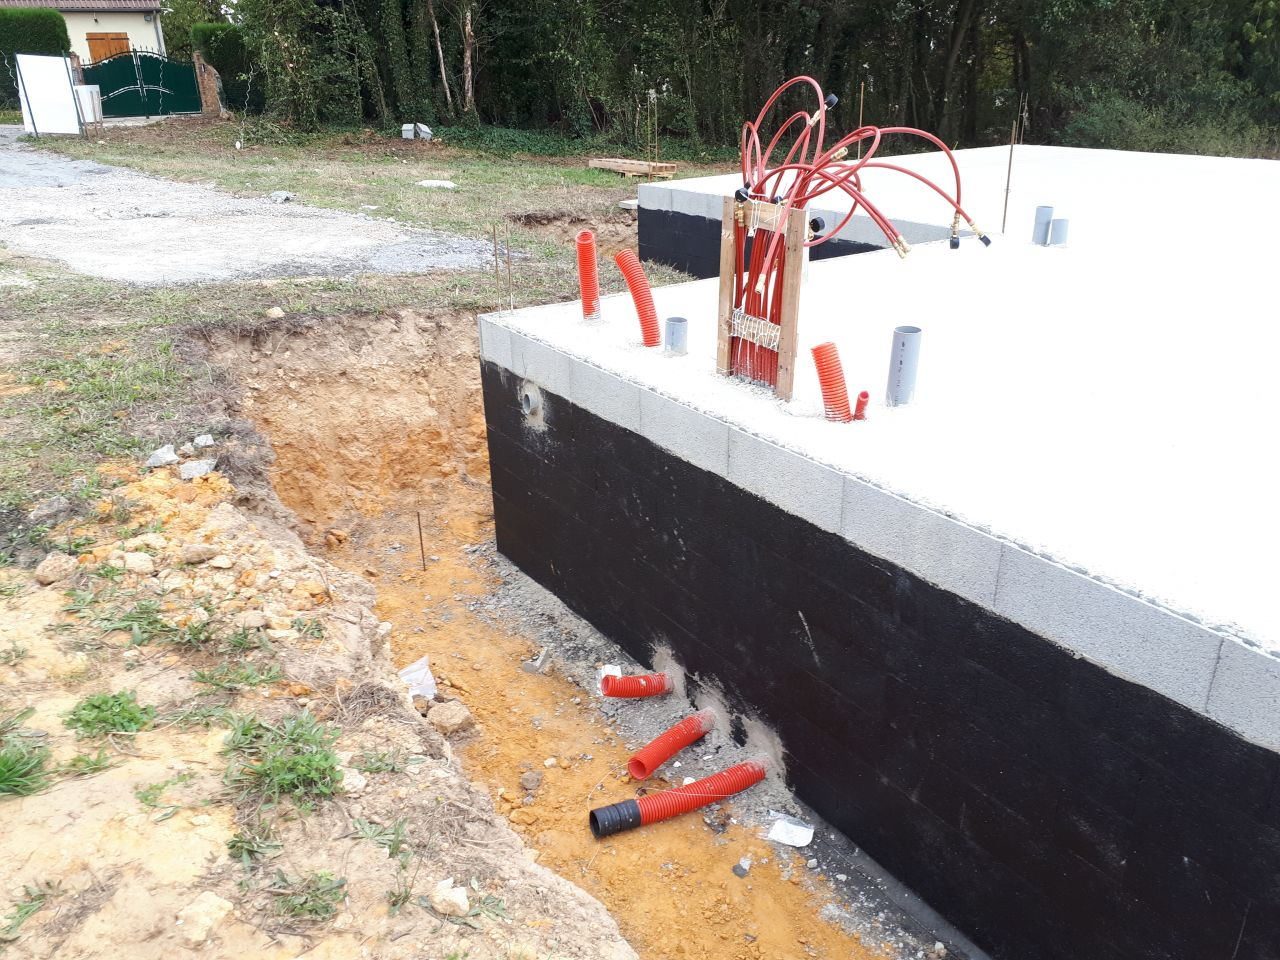 tuyaux d'arrivée du plancher chauffant, ou sera installée la chaudière PAC air eau Atlantique duo extensa